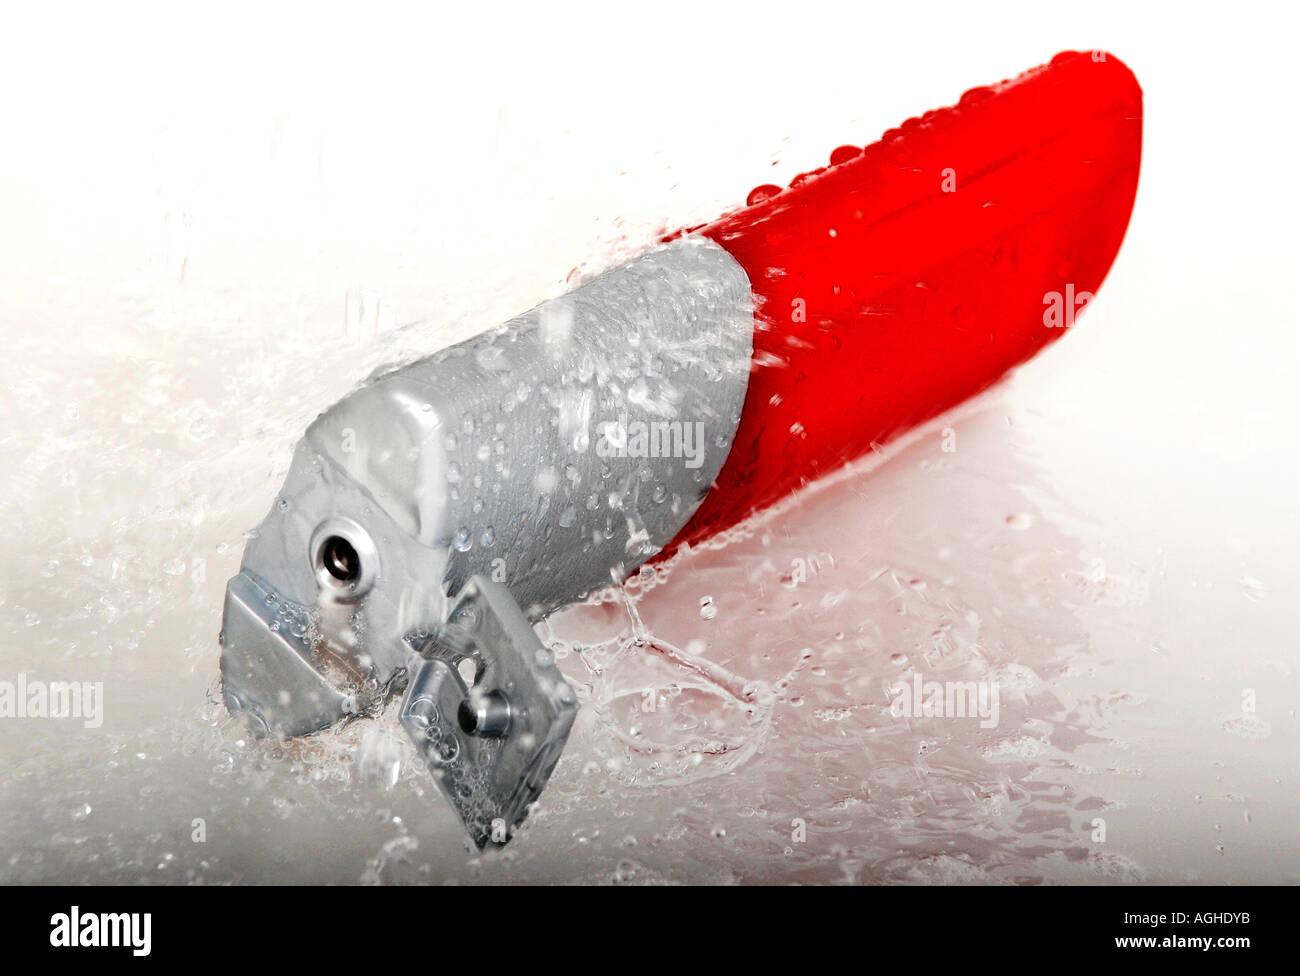 Shampoo bottle close up Stock Photo